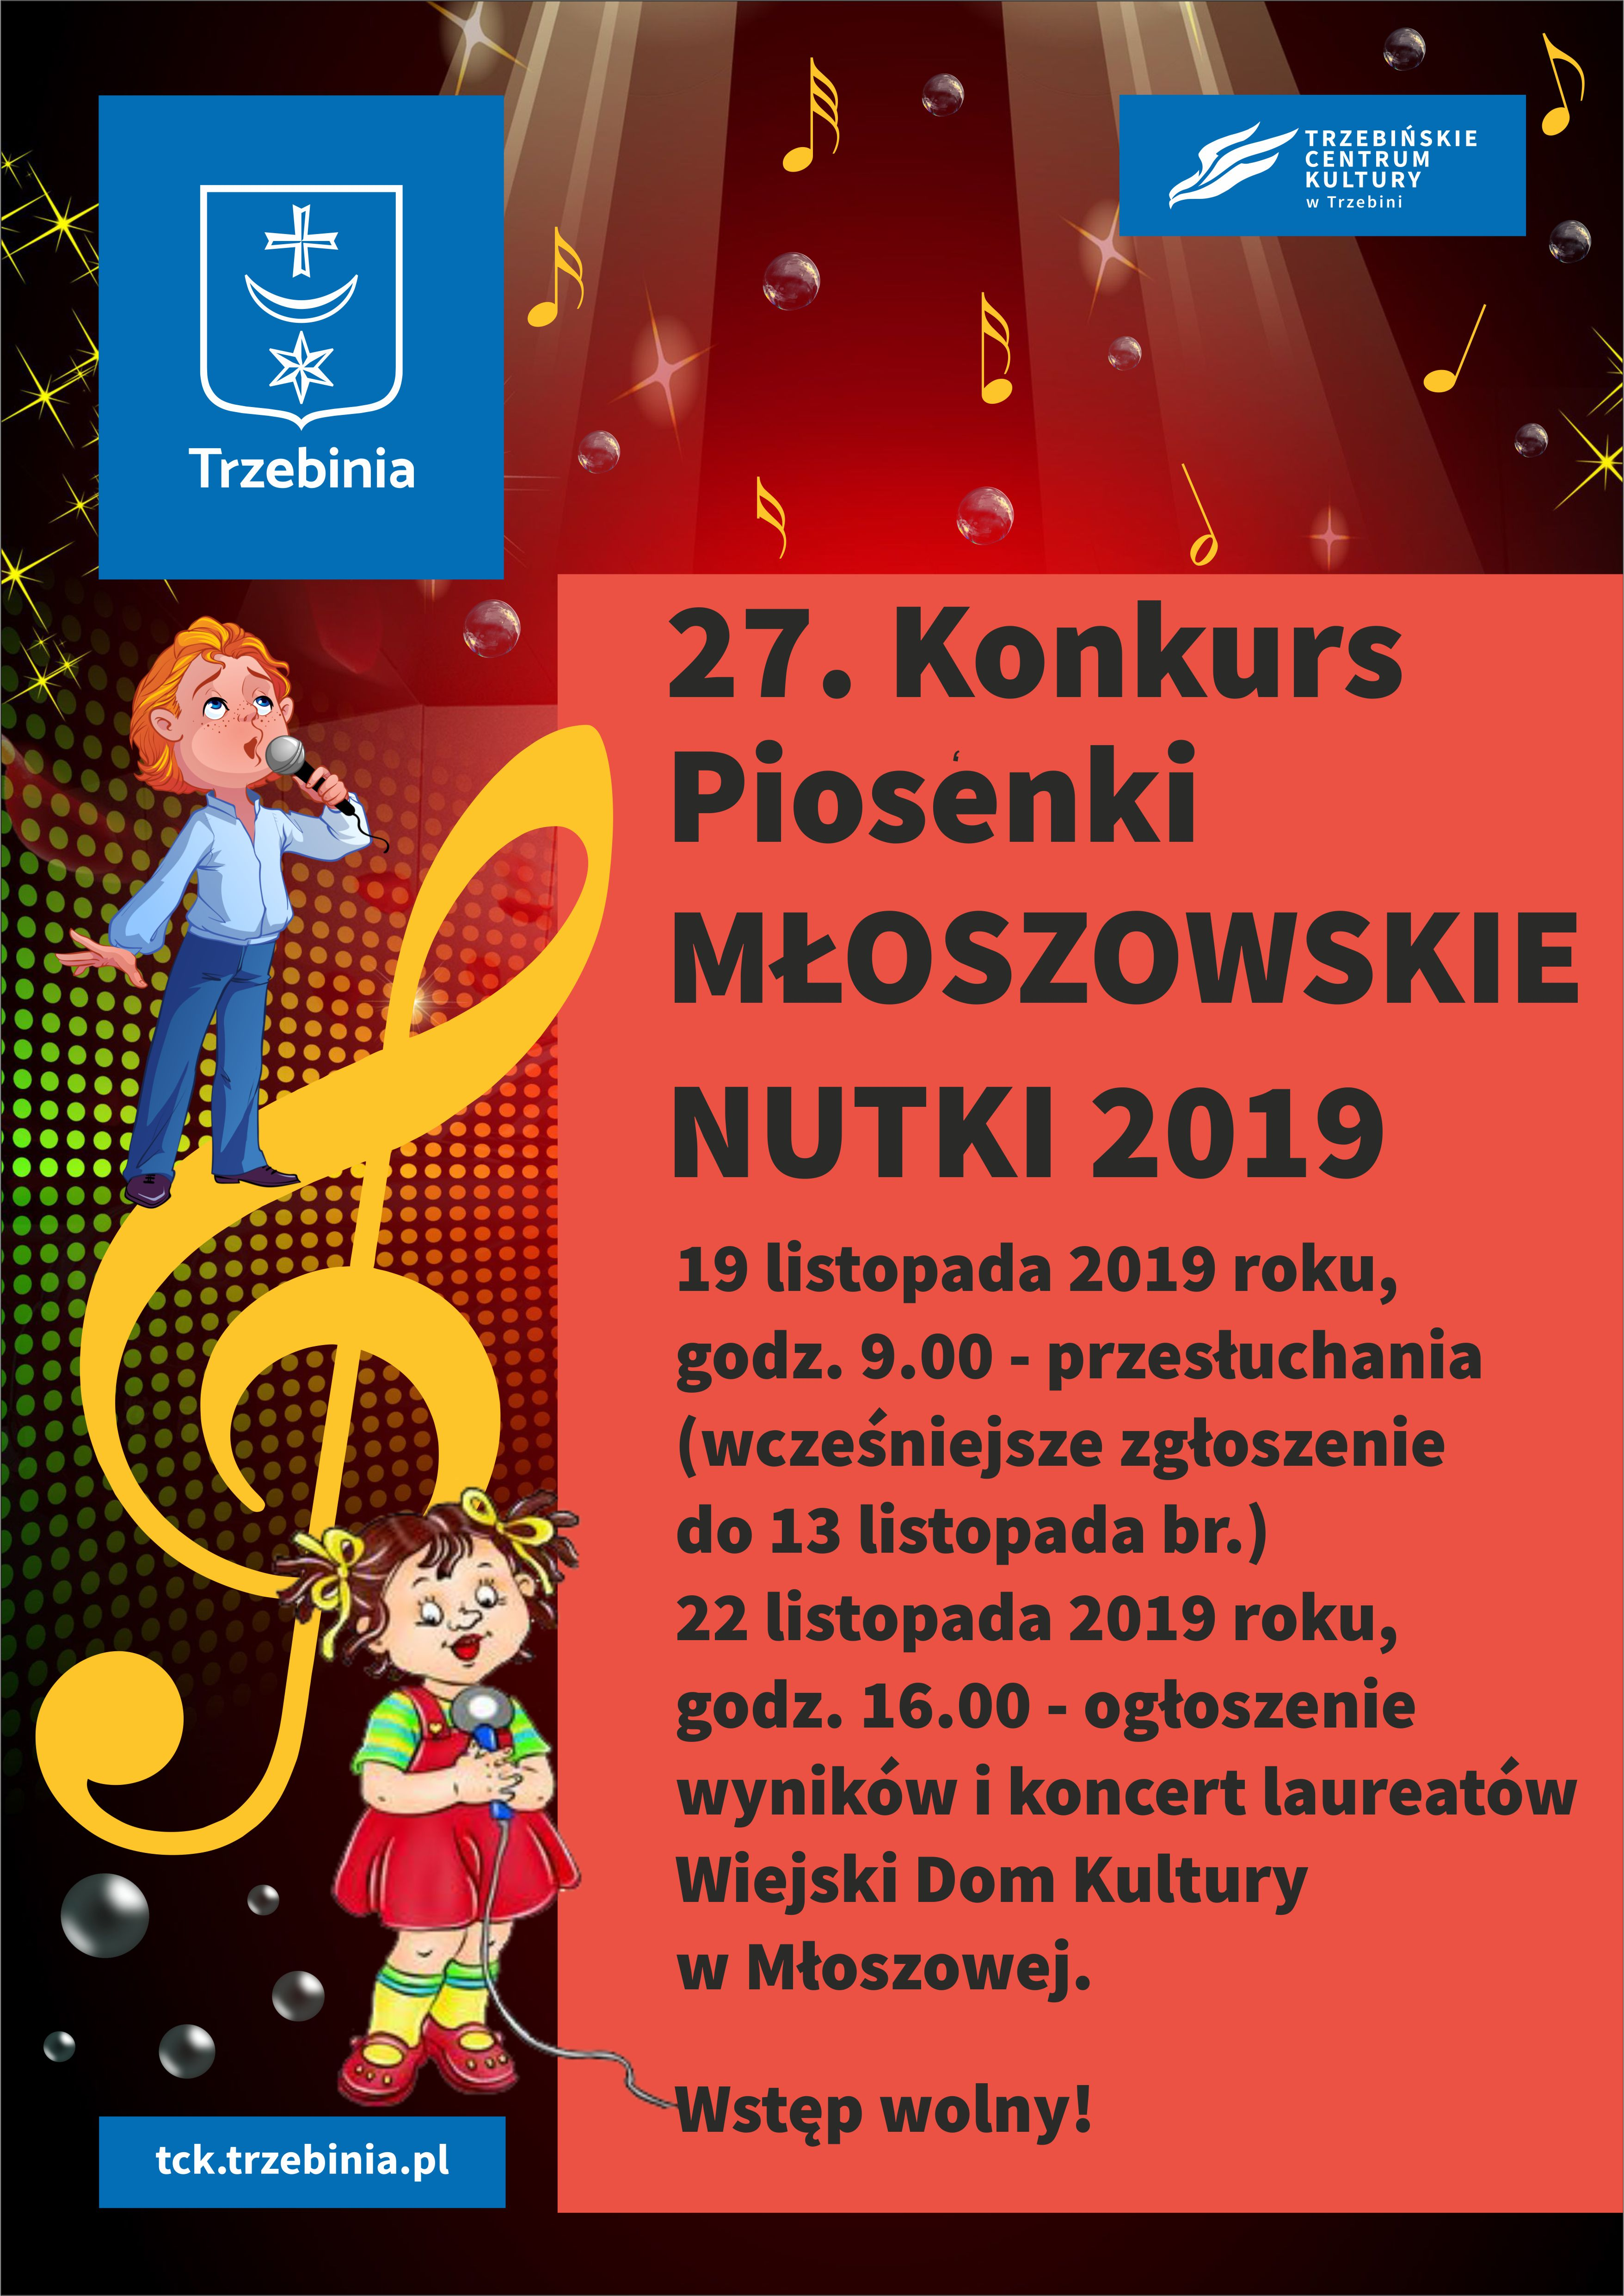 mloszowskie nutki 2019